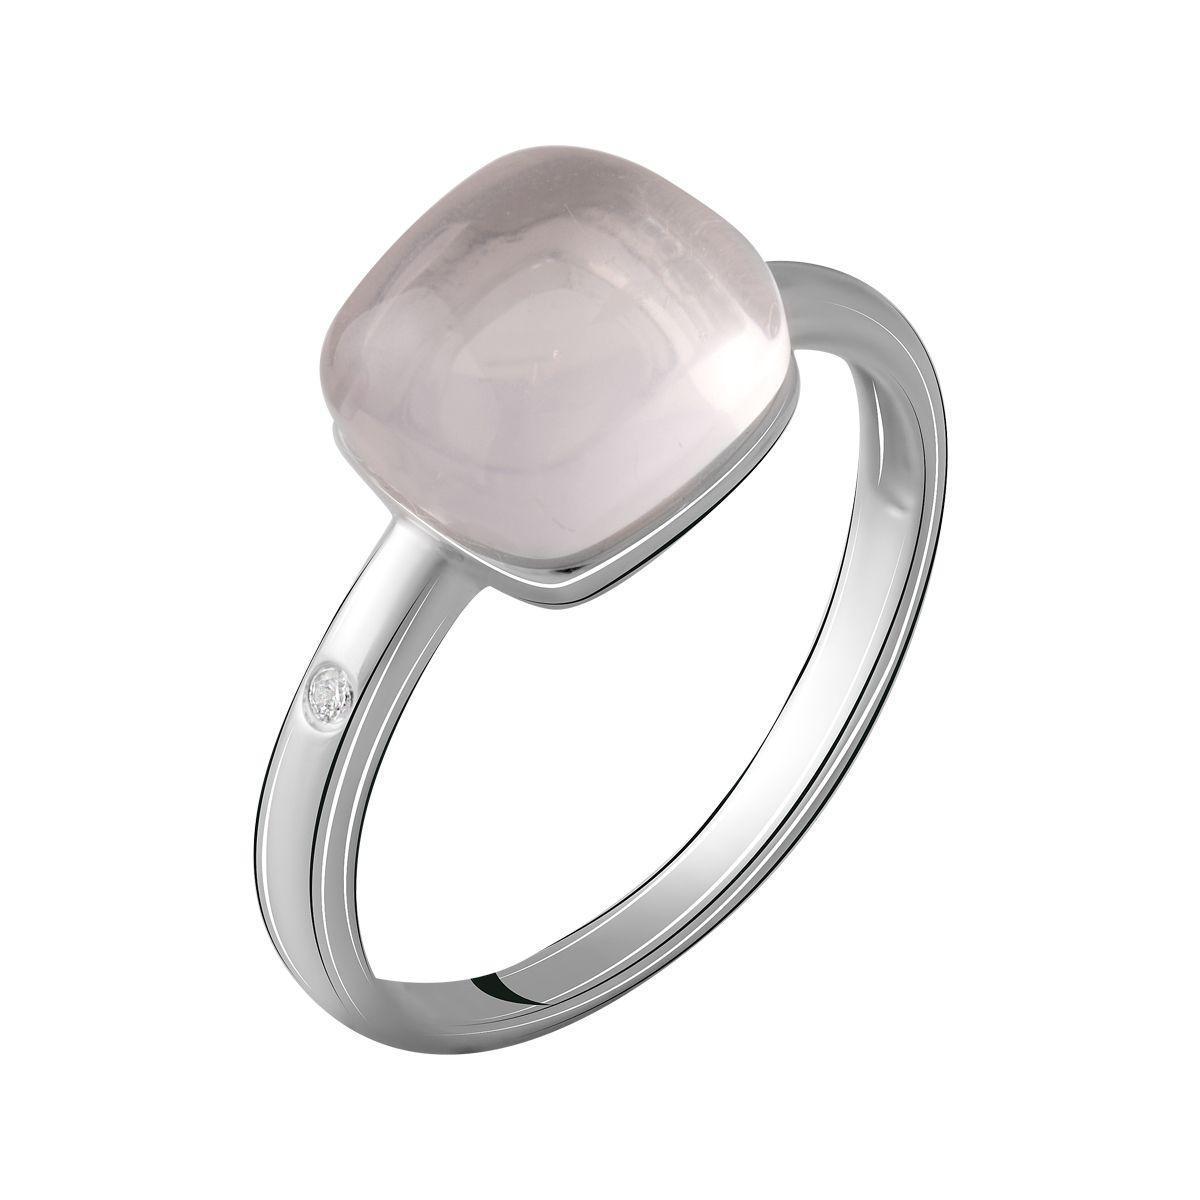 Срібне кільце pSilverAlex з натуральним рожевим кварцом (2069850) 18 розмір 2.9, 17.5